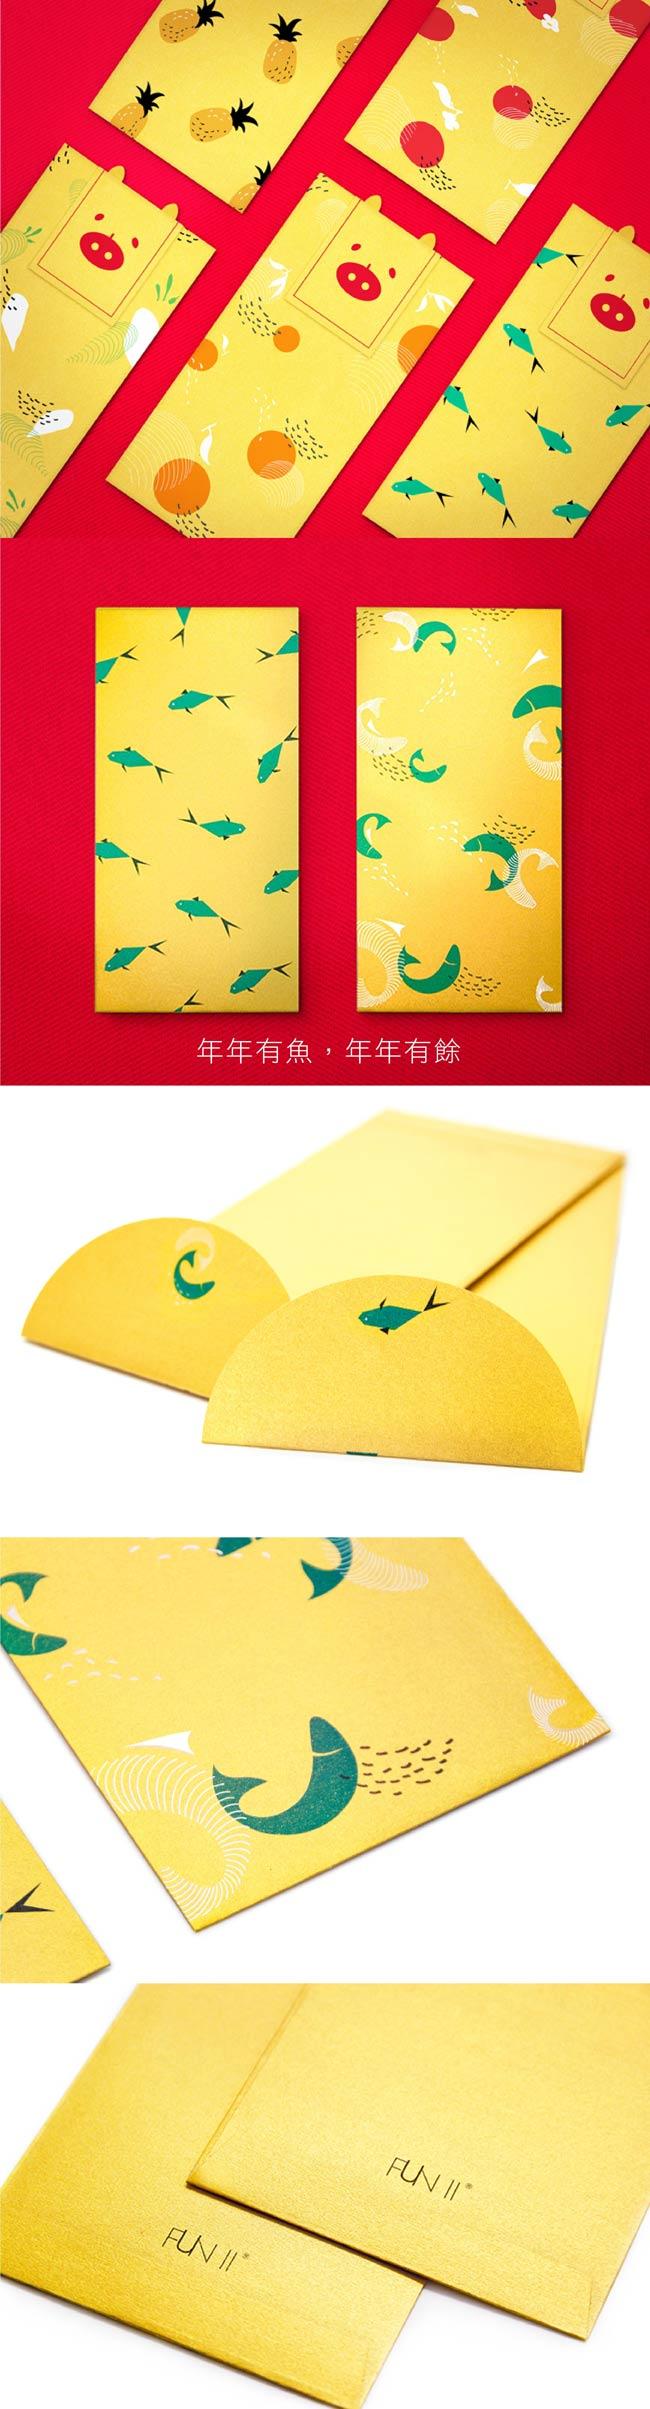 FUN ll|金厚紅包禮袋(有魚)